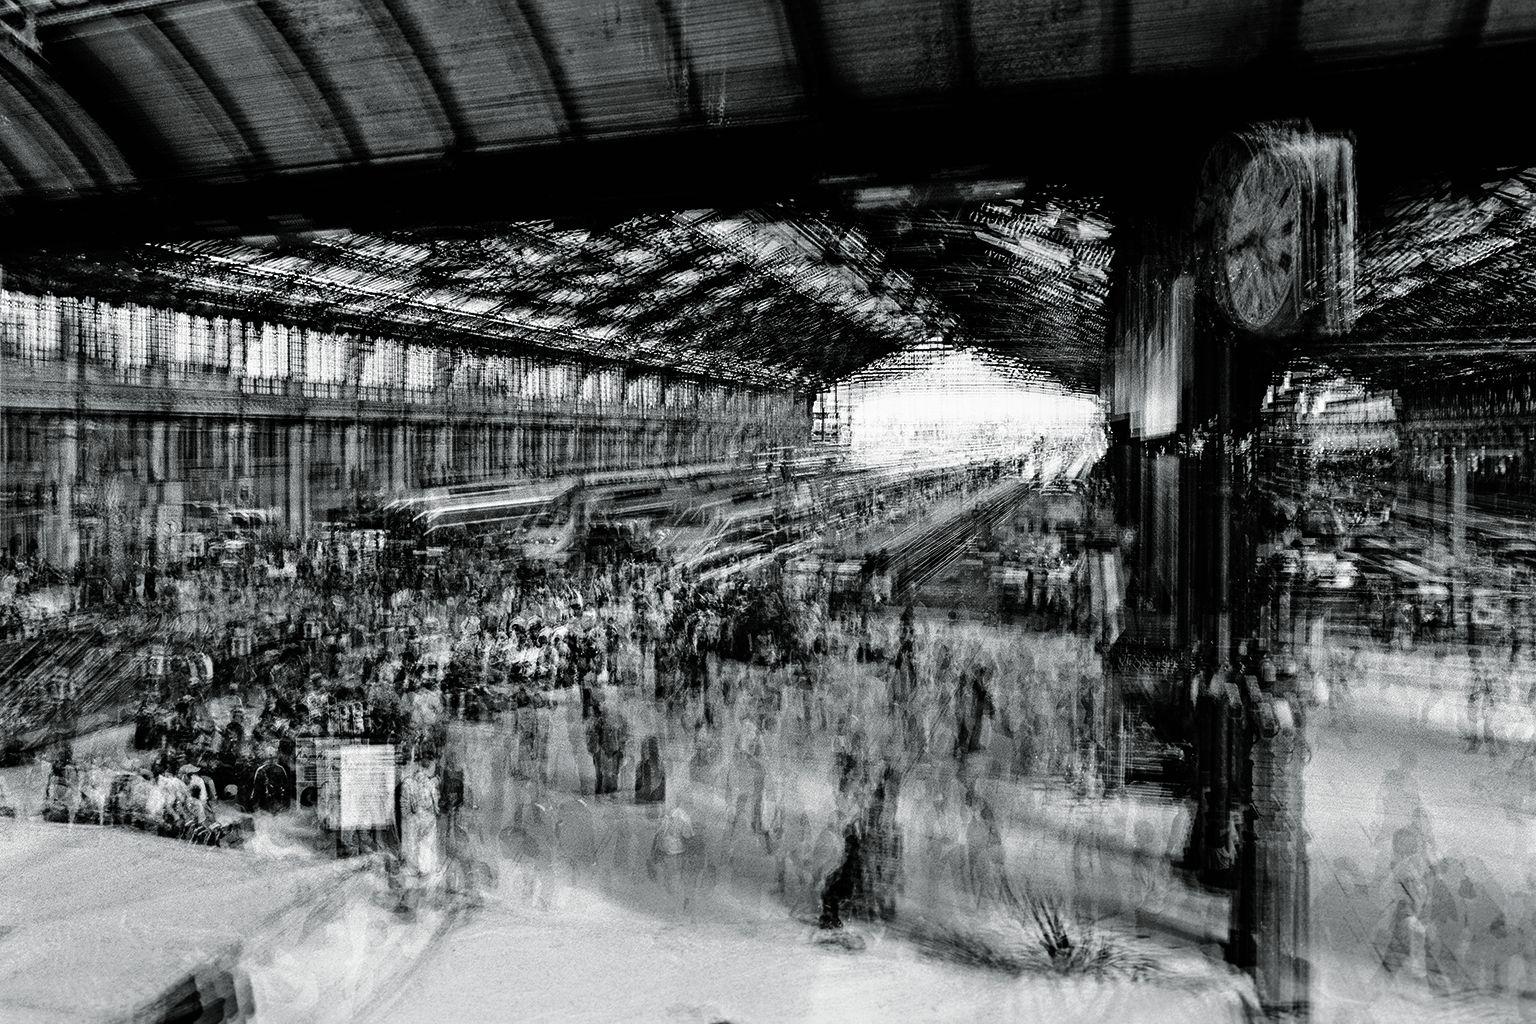 巴黎的里昂車站人潮熙來攘往、貨物川流不息,交通網絡成為工商社會的脈動,每個人生活中也處處離不開這個分秒不停的系統,時時刻刻受到集體的時間規範。攝影:李浩